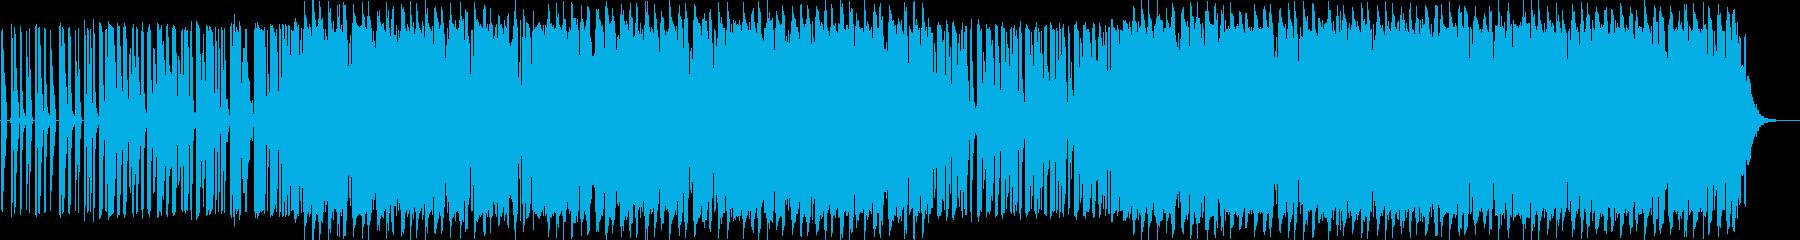 ラテン系 楽しげ ハイテク アンビ...の再生済みの波形